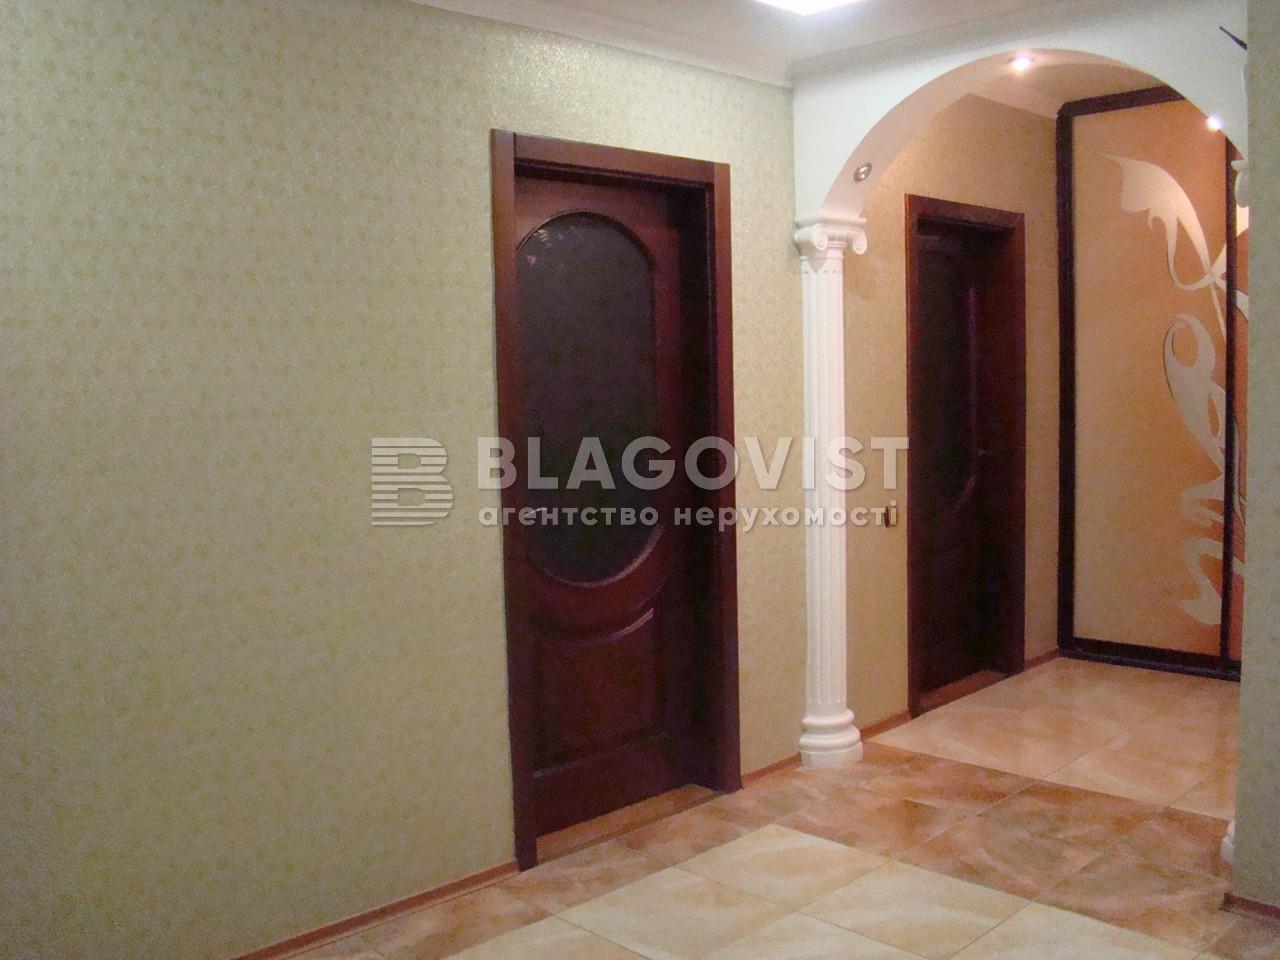 Квартира R-13781, Ирпенская, 69а, Киев - Фото 14